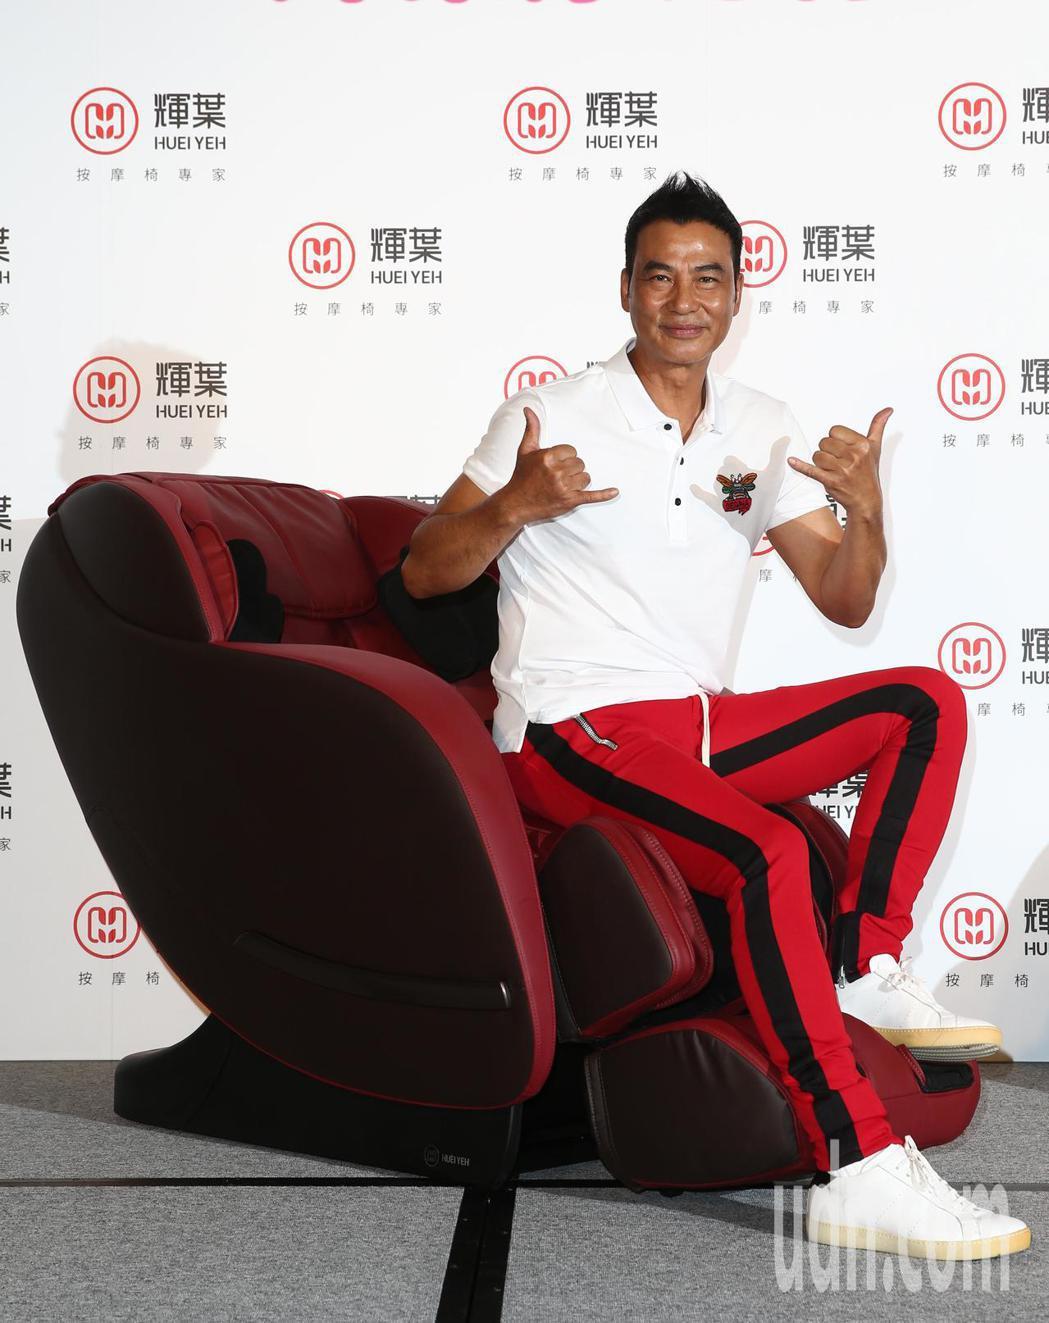 任達華下午第四度代言按摩椅,渾身是勁的他完全看不出來60幾歲,他表示媒體報導不要...